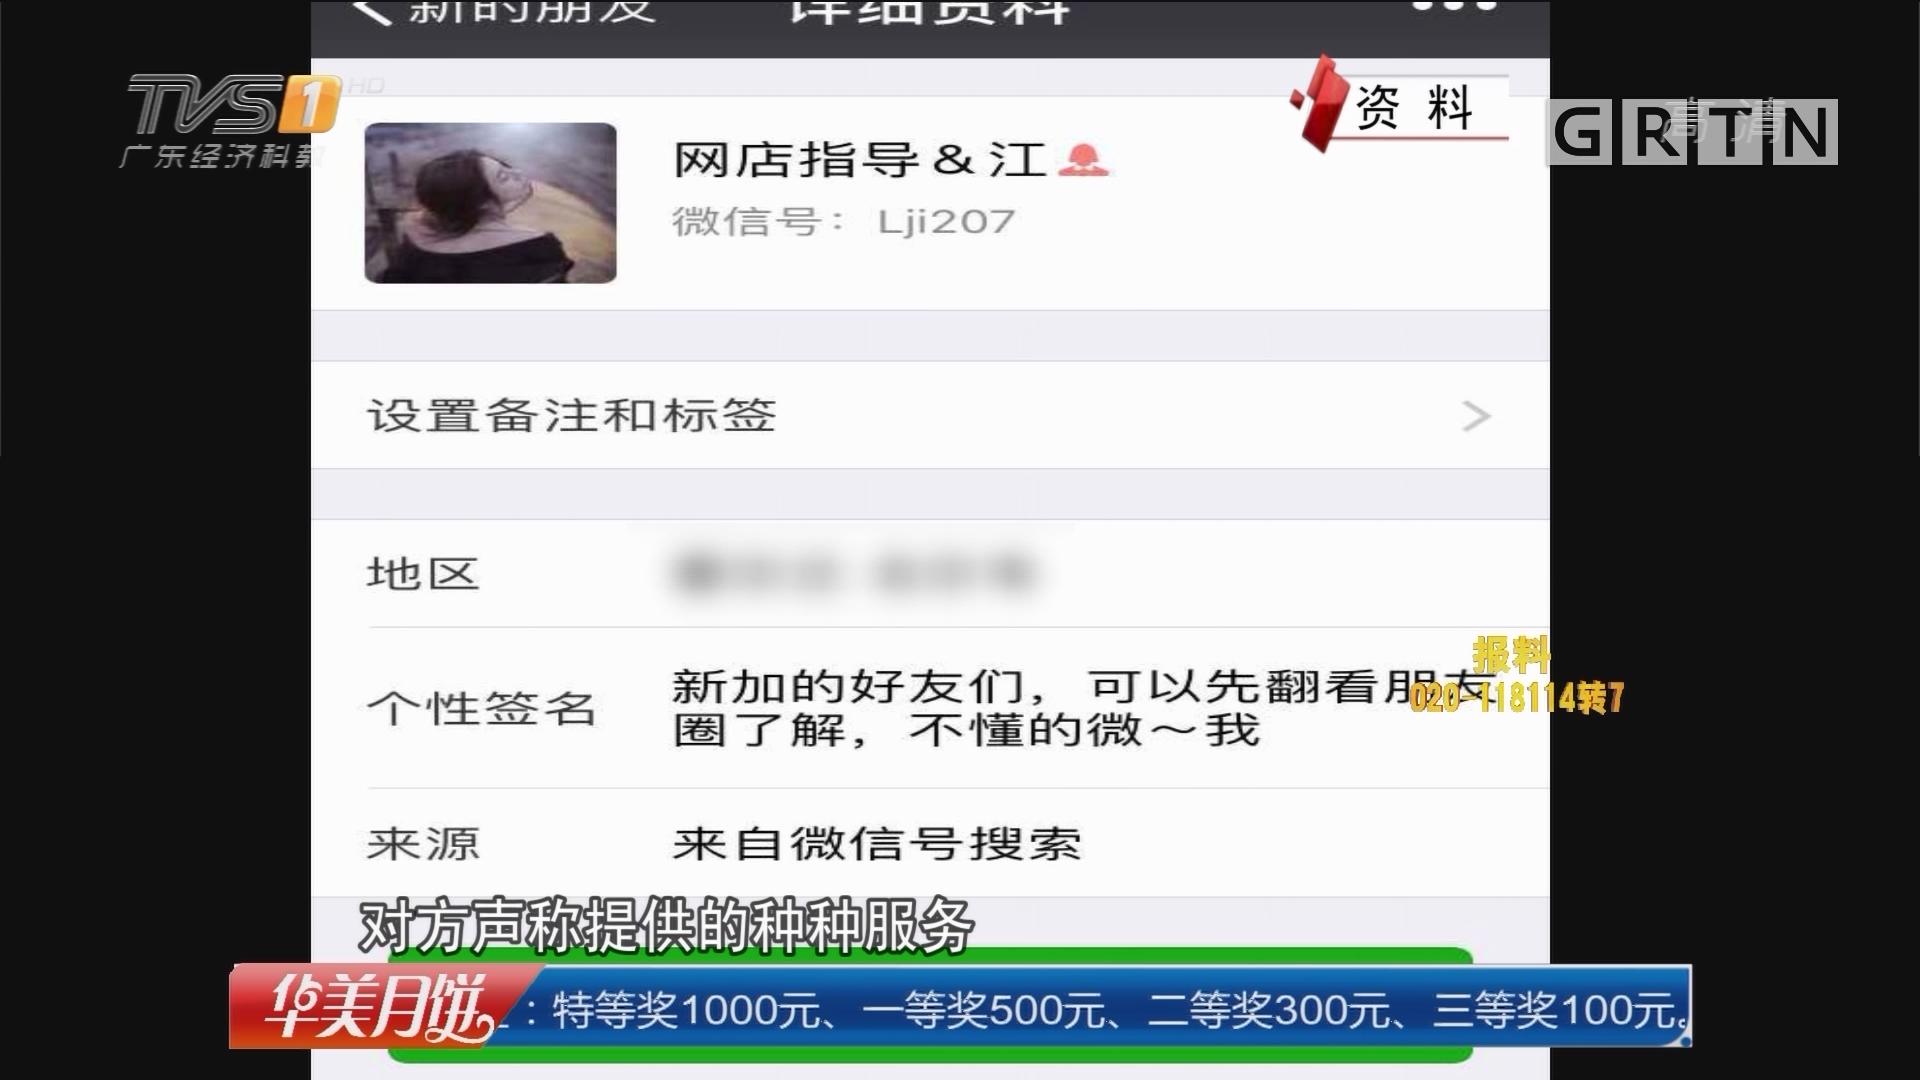 广州花都:网上创业遭诈骗 特大诈骗案团伙被端